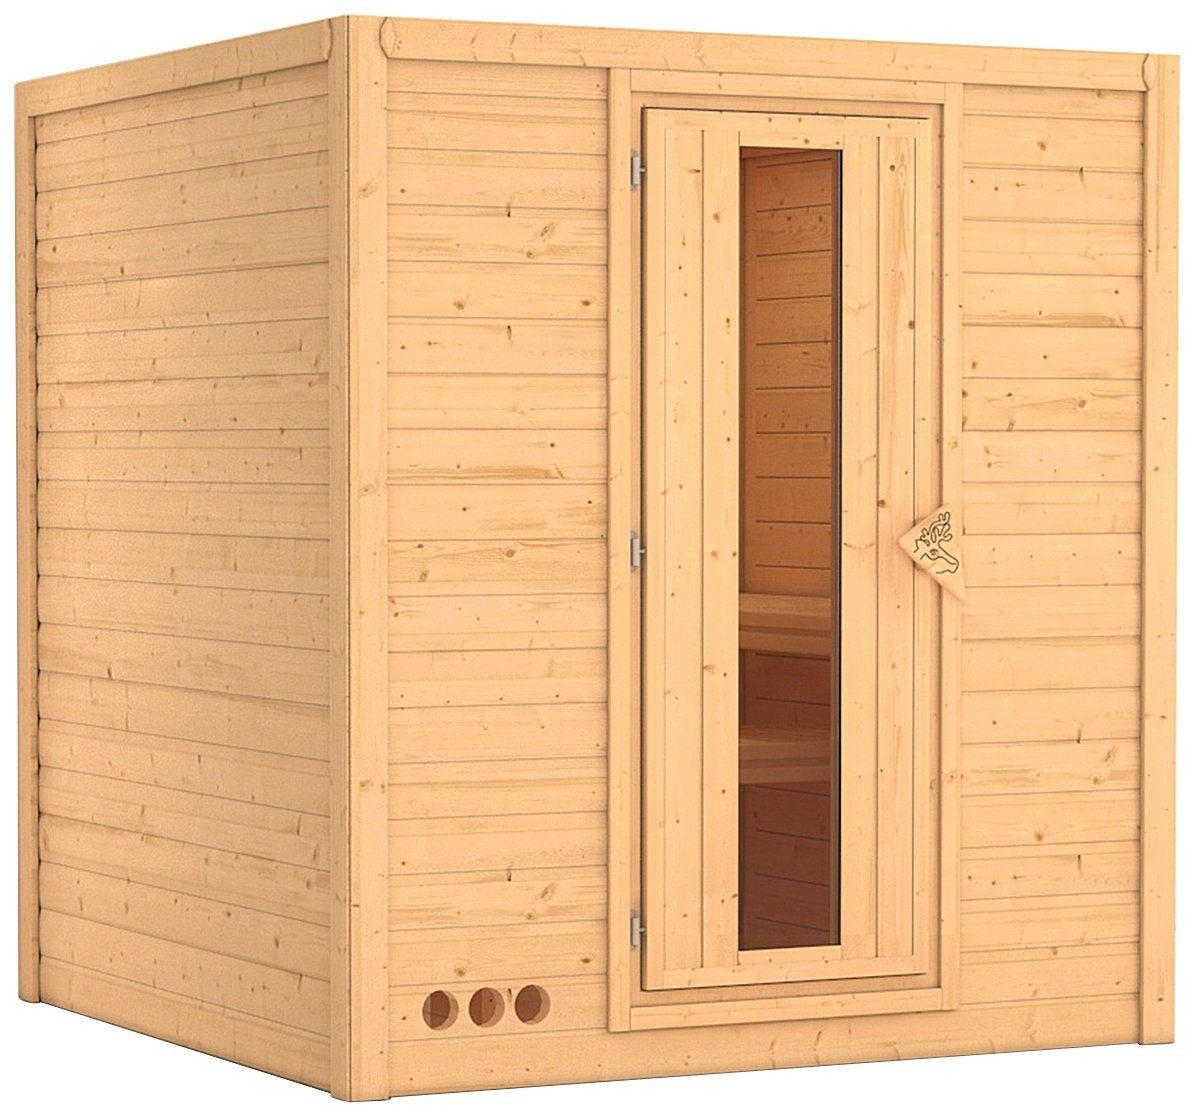 KARIBU Sauna »Mojave«, 193/184/209 cm, 9-kW-Ofen mit int. Steuerung, Holztür